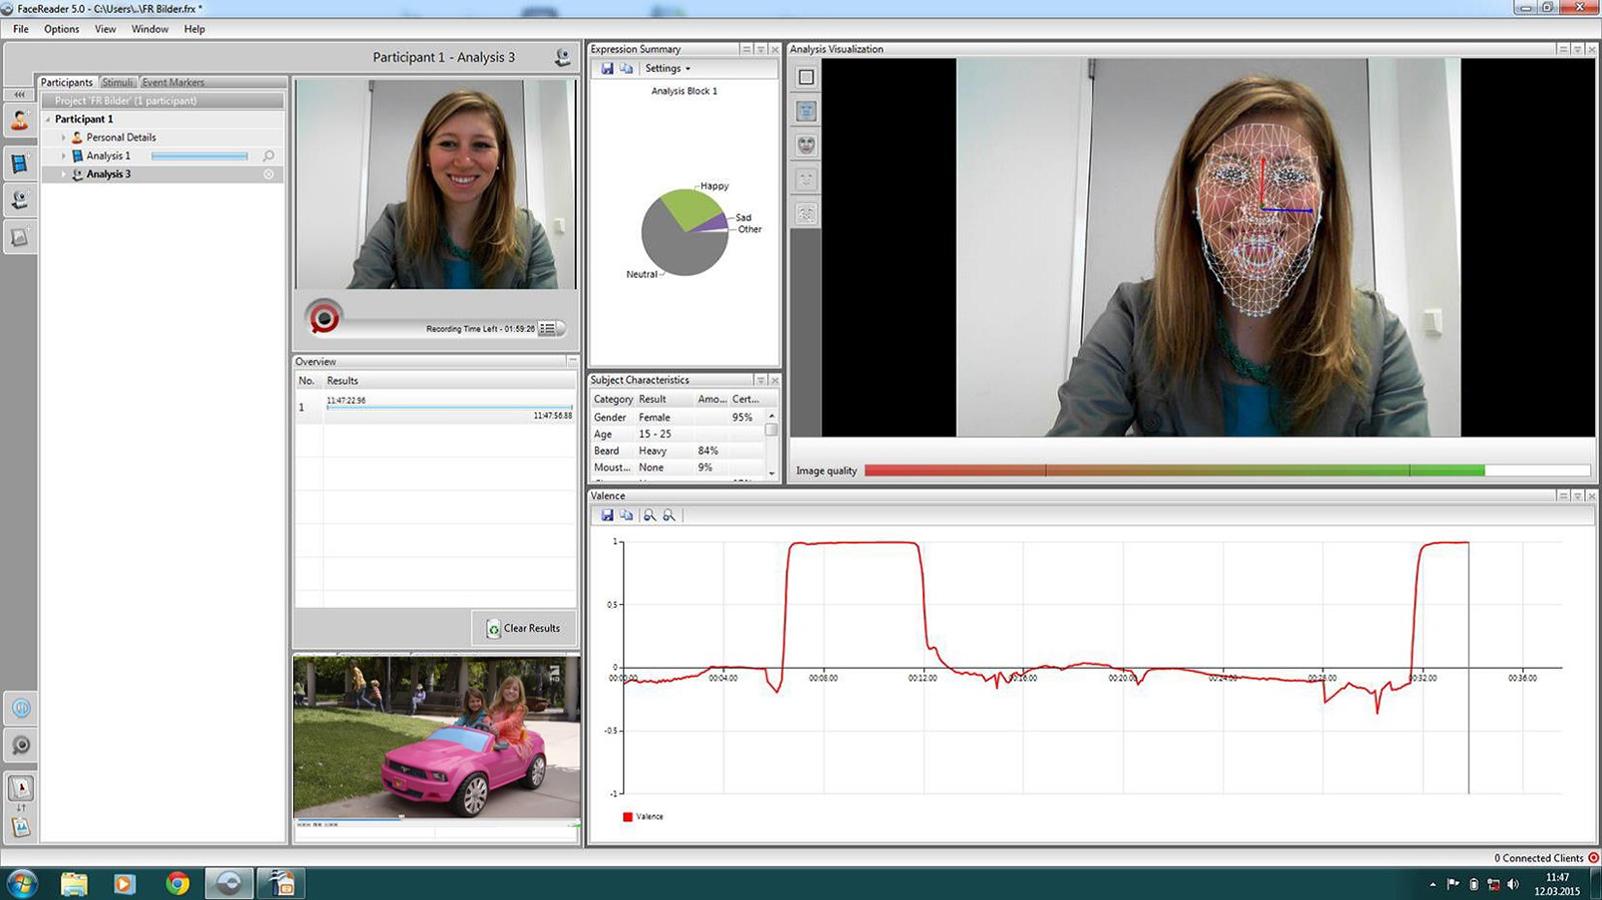 Der FaceReade ist eine Software, die emotionale Gesichtsausdrücke erkennen und klassifizieren kann.